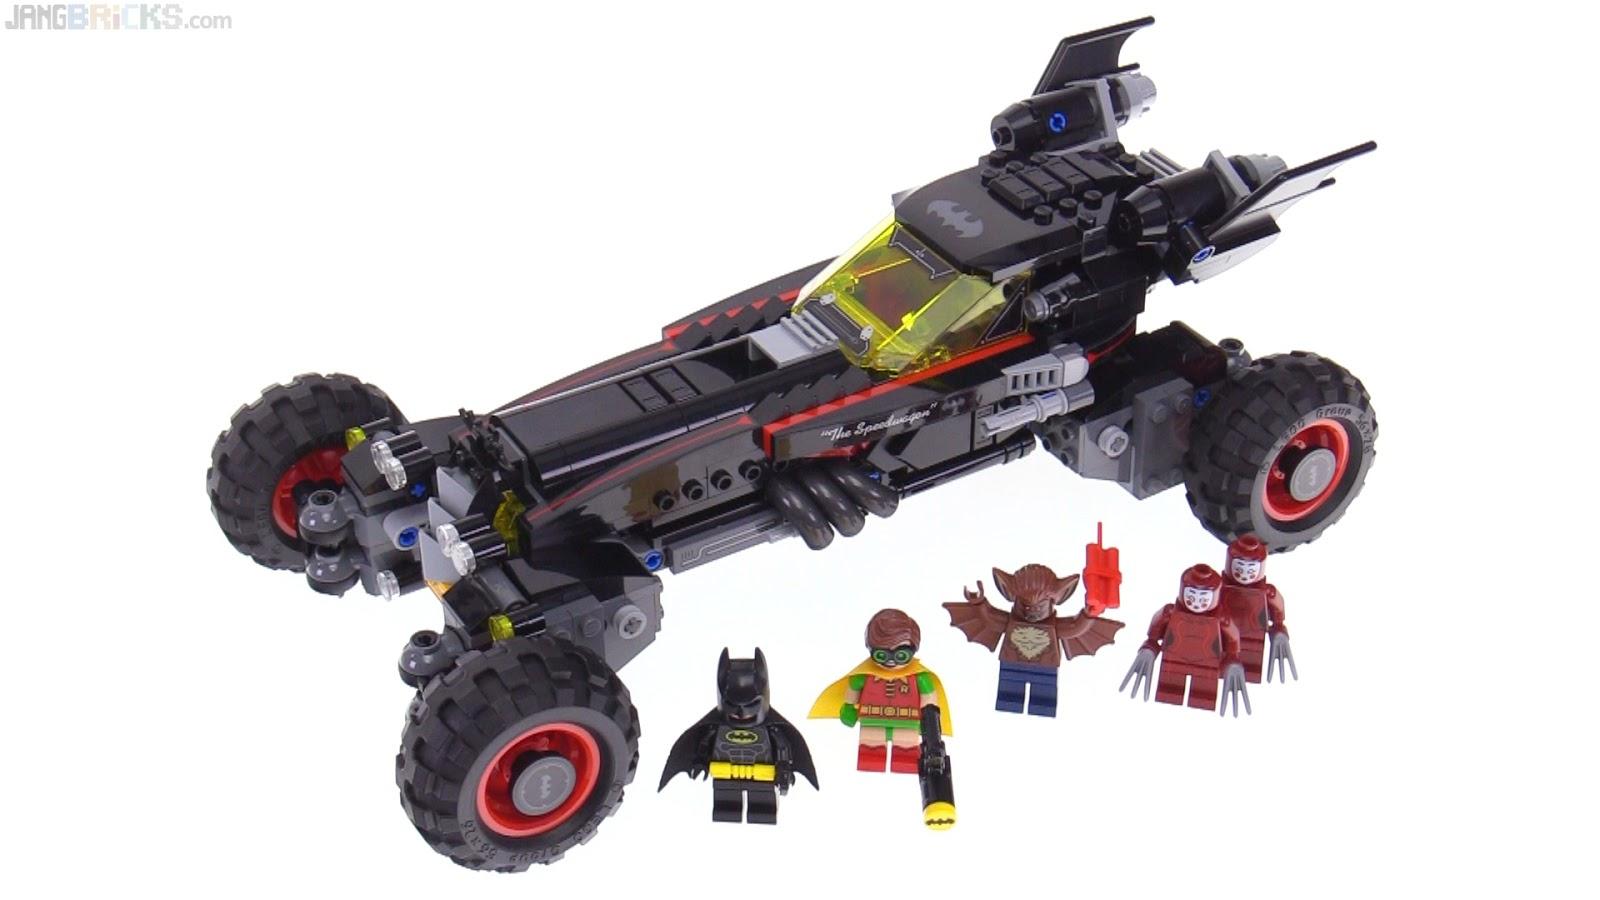 lego batman movie batmobile review 70905